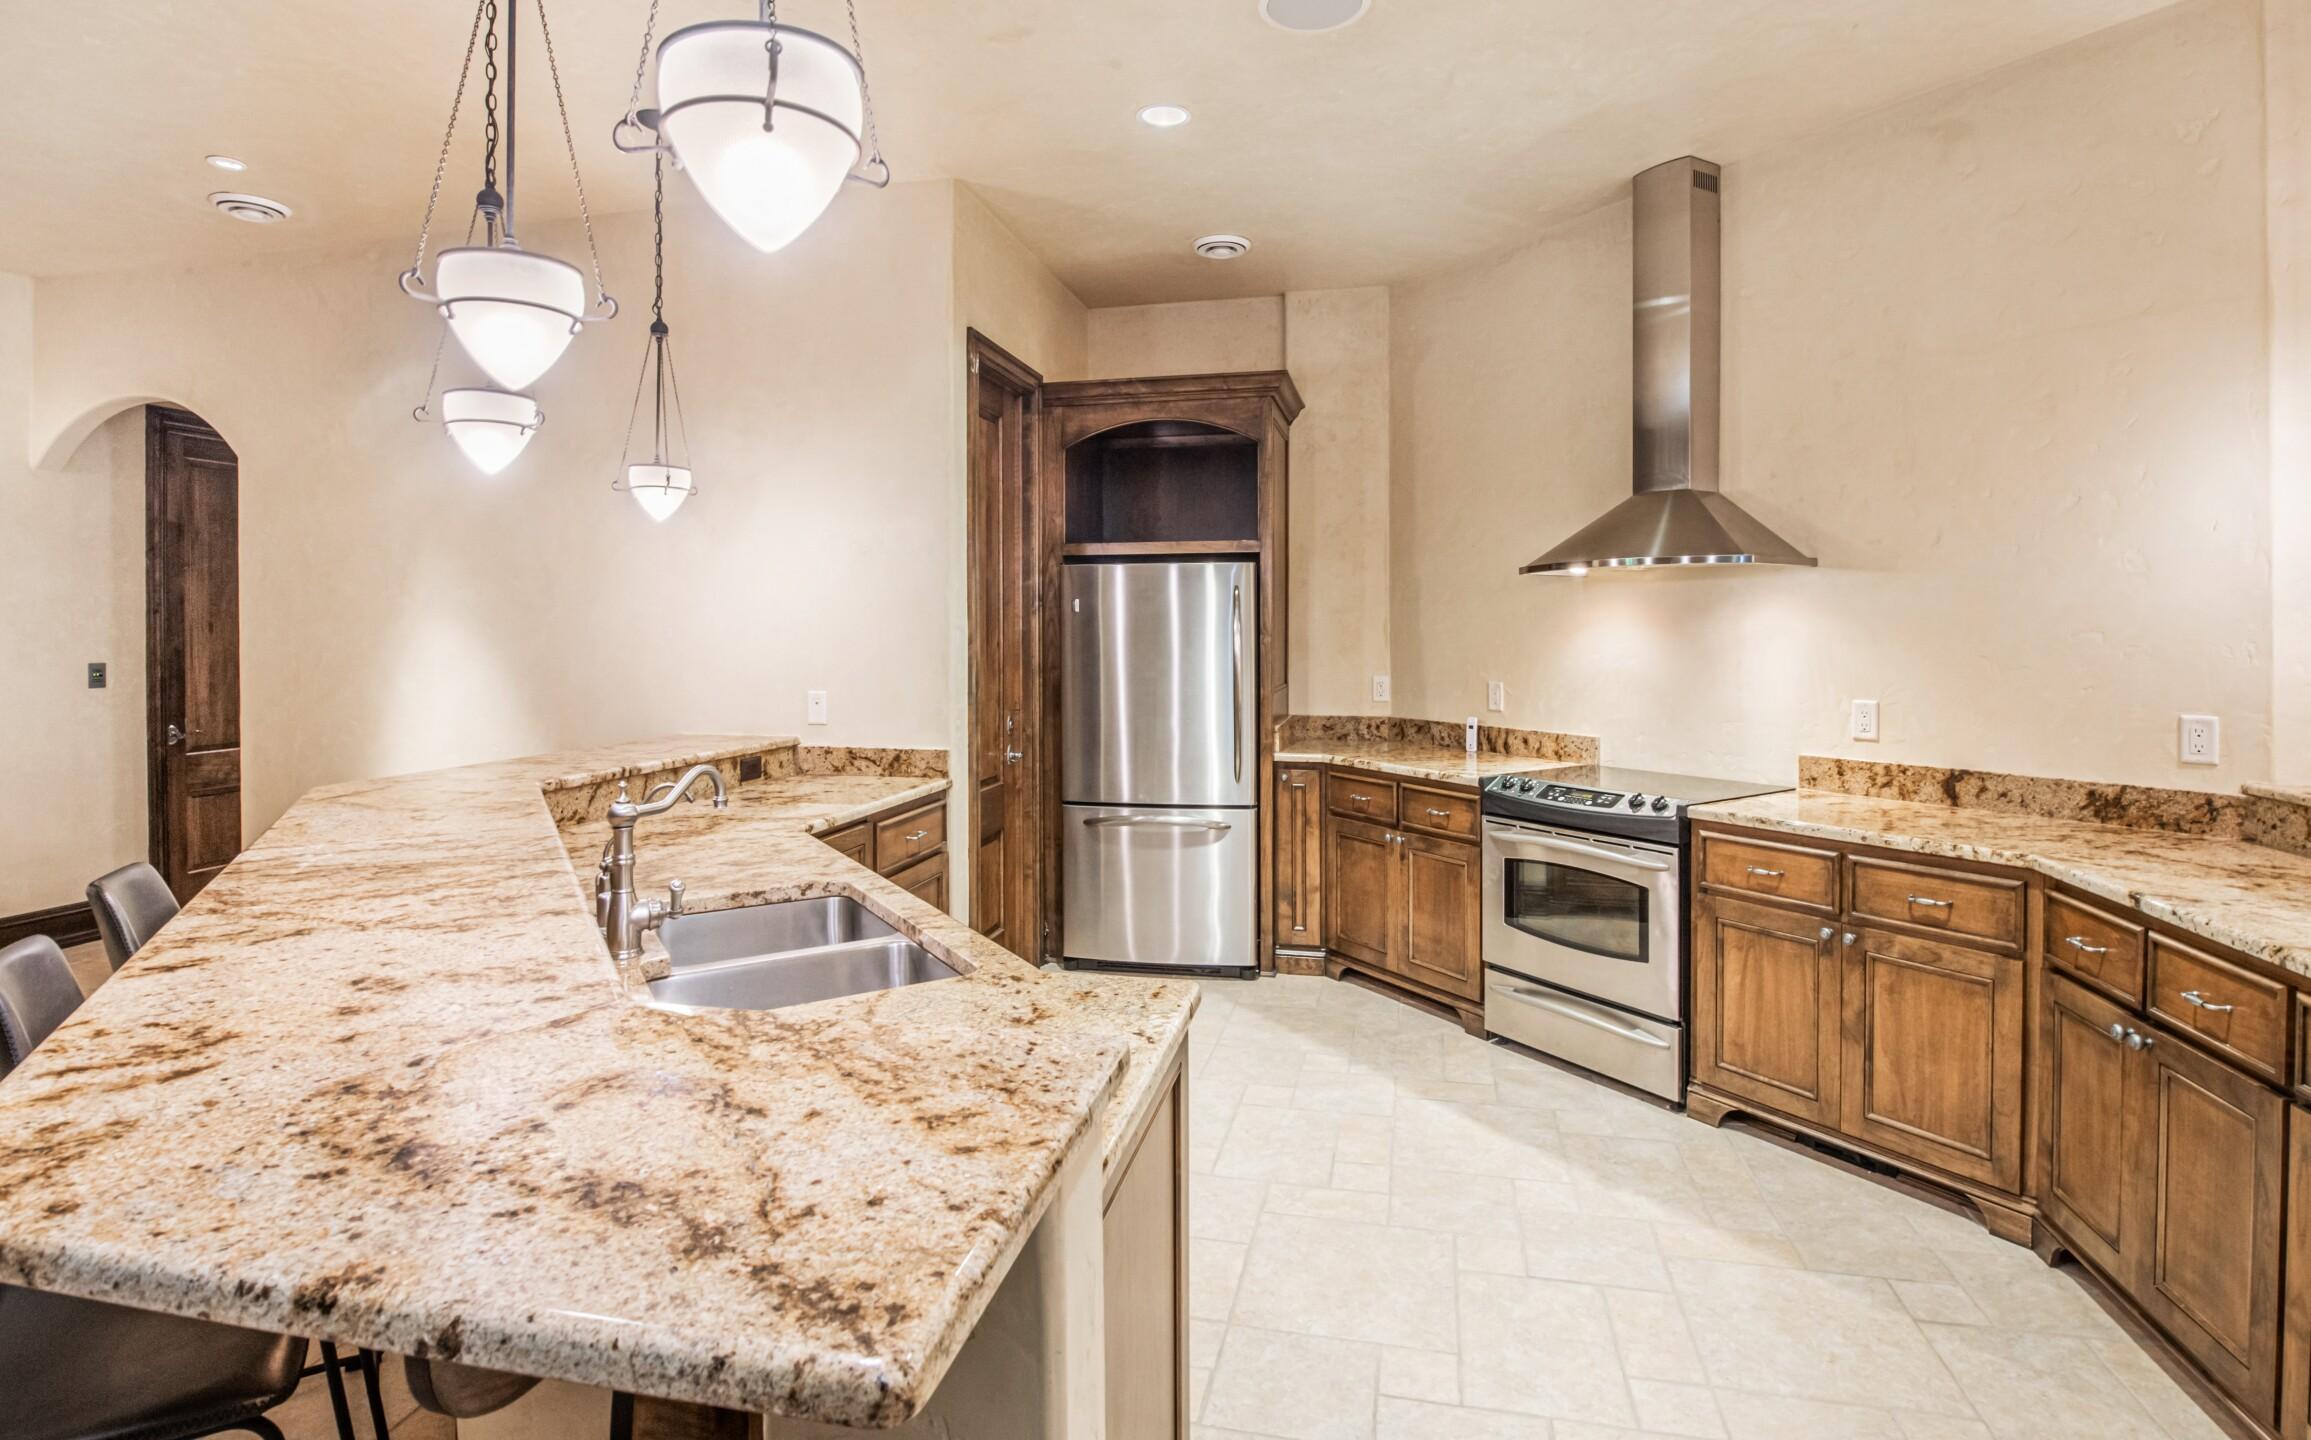 Greenway lower level kitchen.jpg